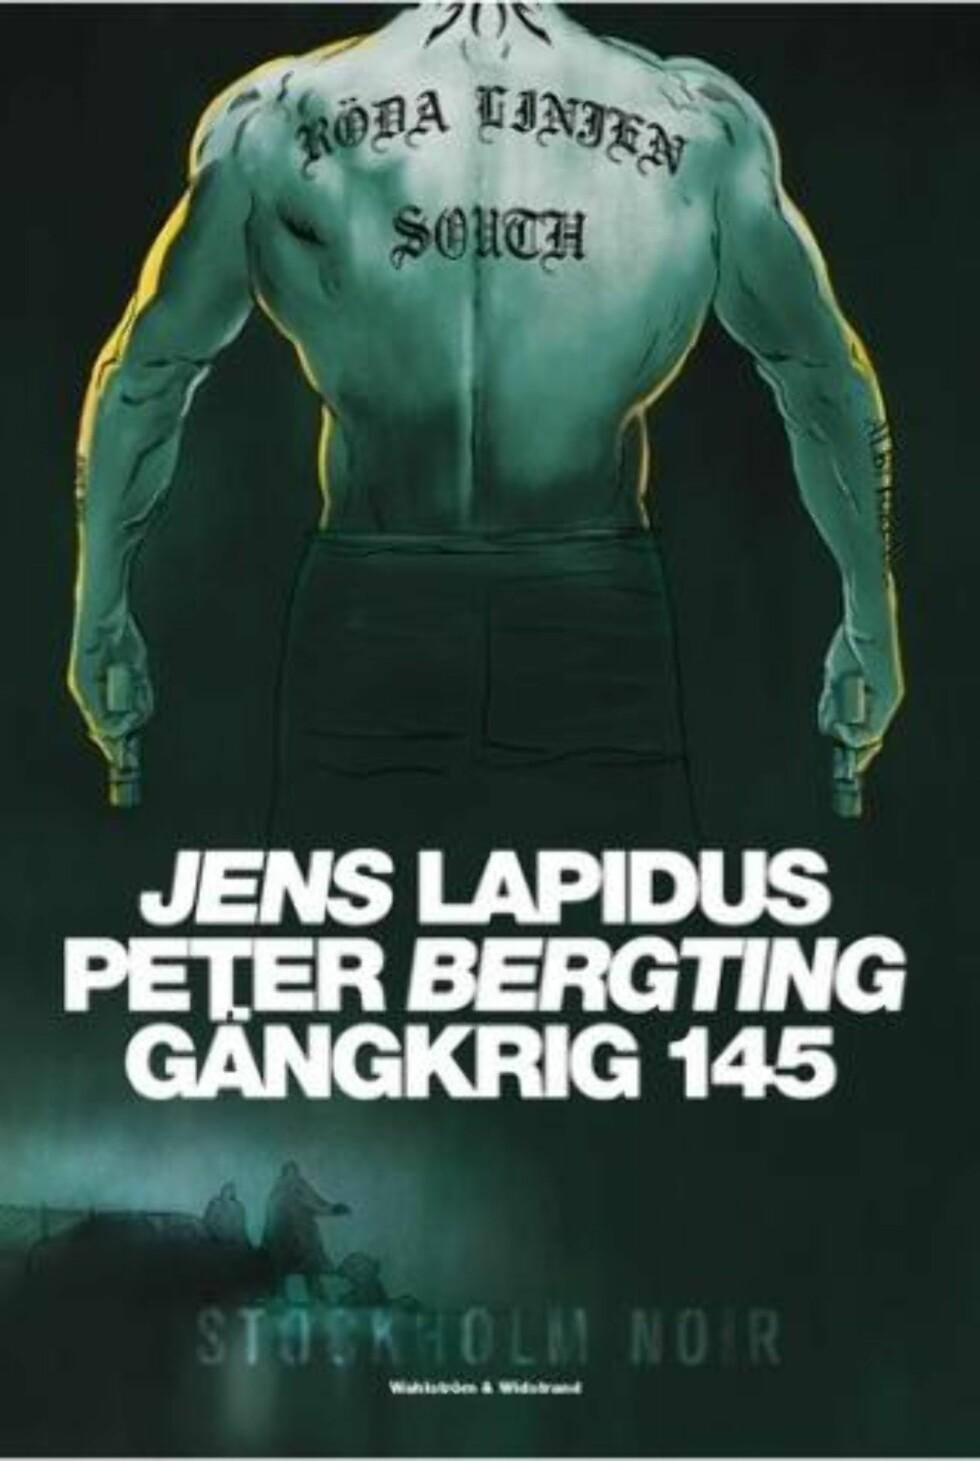 Noir på svensk i tegneserie fra Jens Lapidus